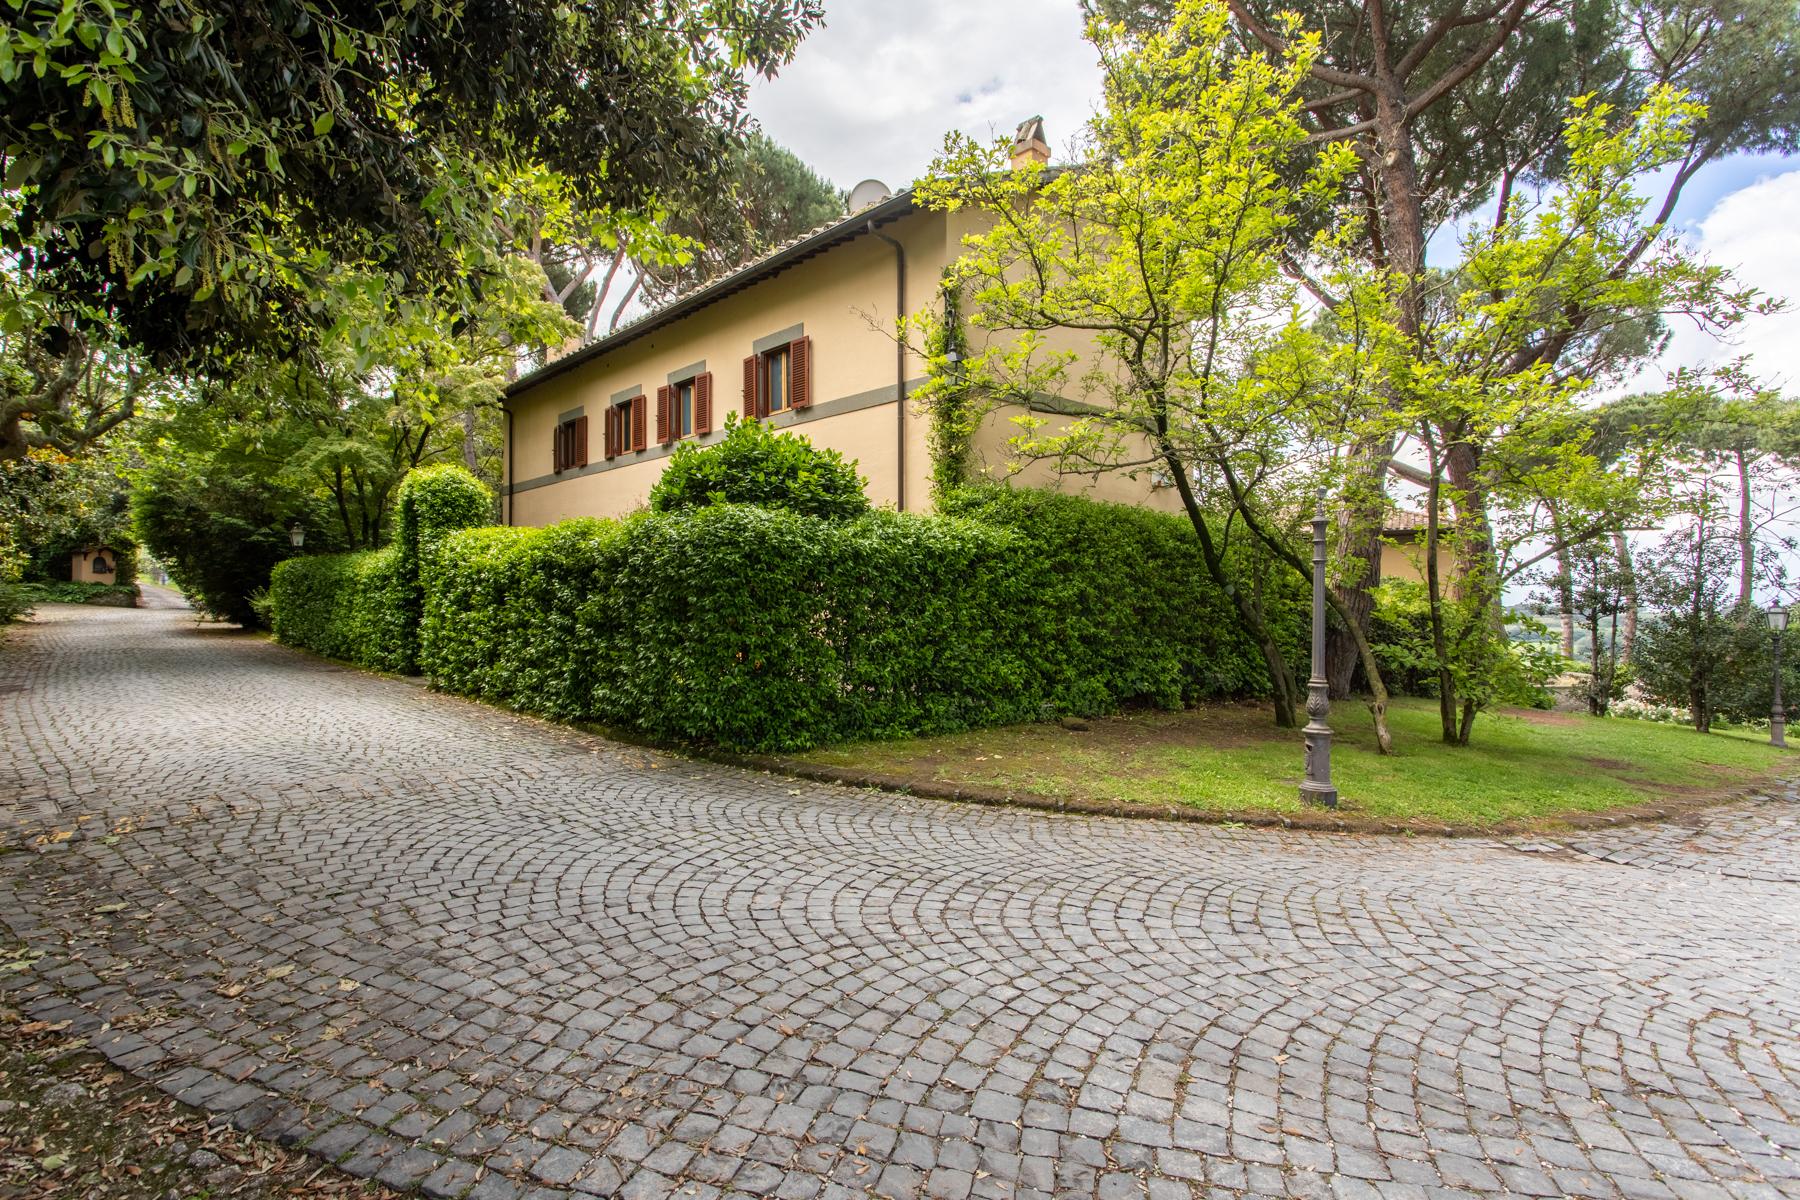 Villa in Vendita a Castel Gandolfo: 5 locali, 400 mq - Foto 12